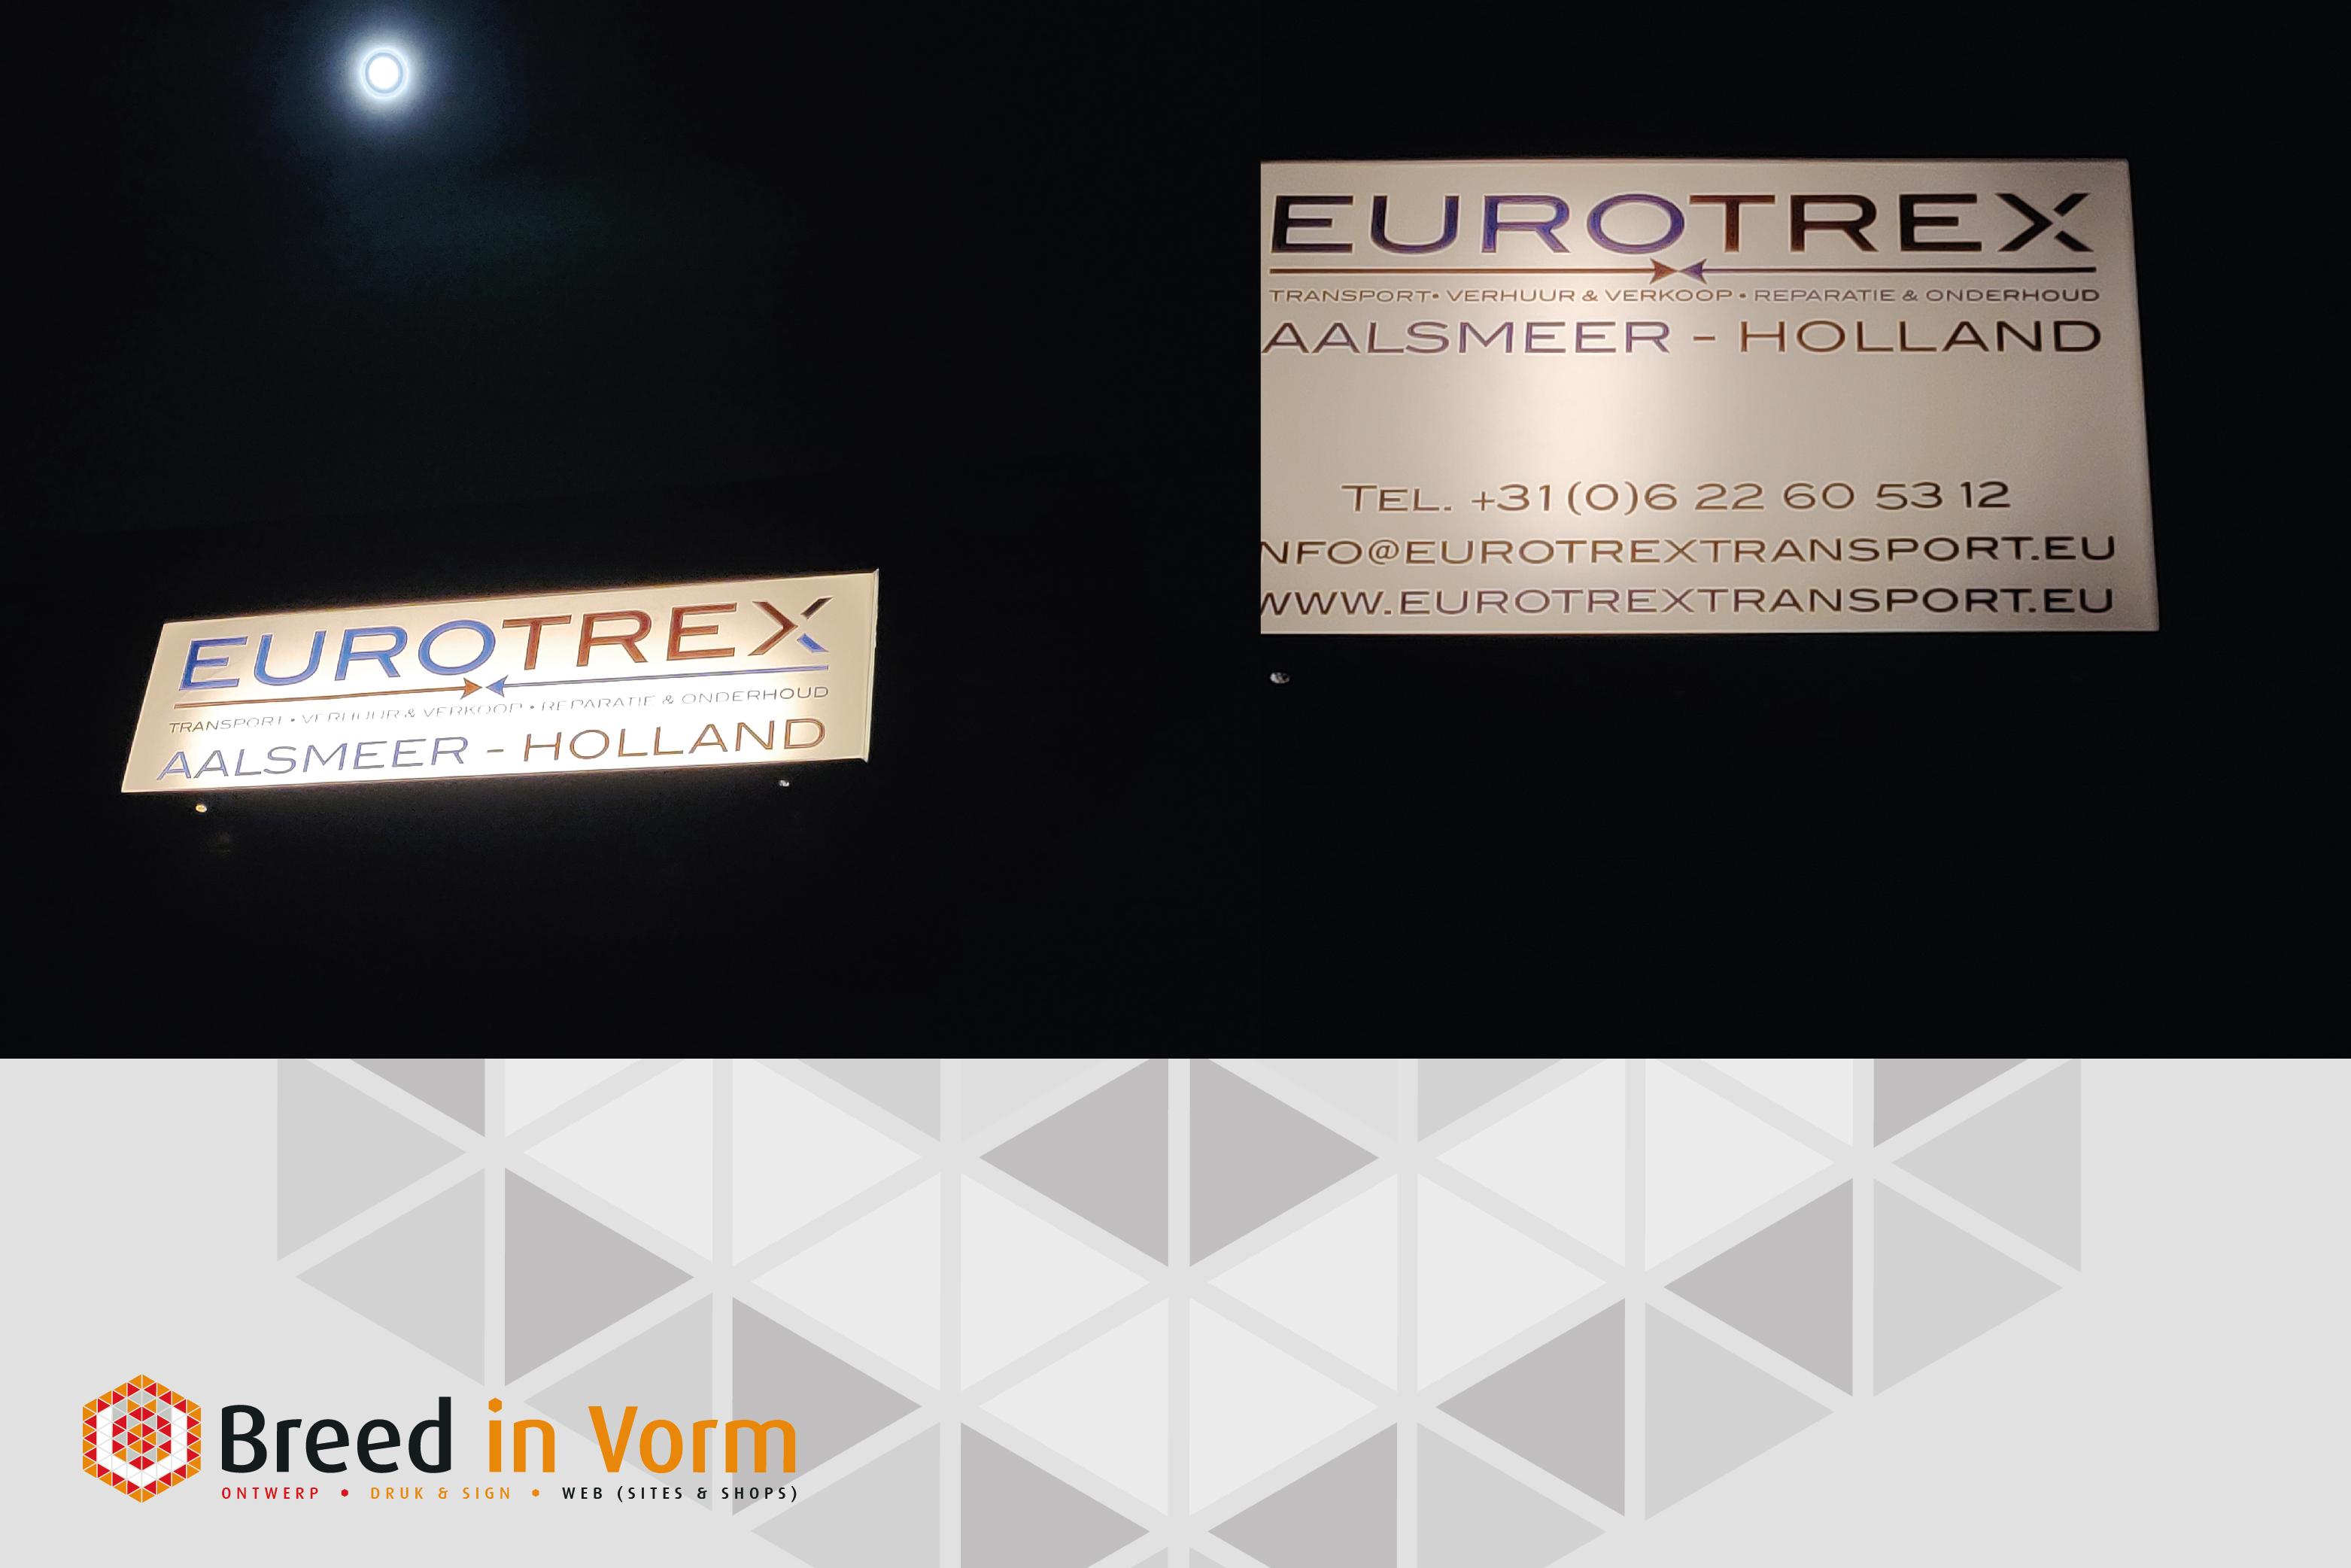 lichtbakken eurotrex breedinvorm.nl